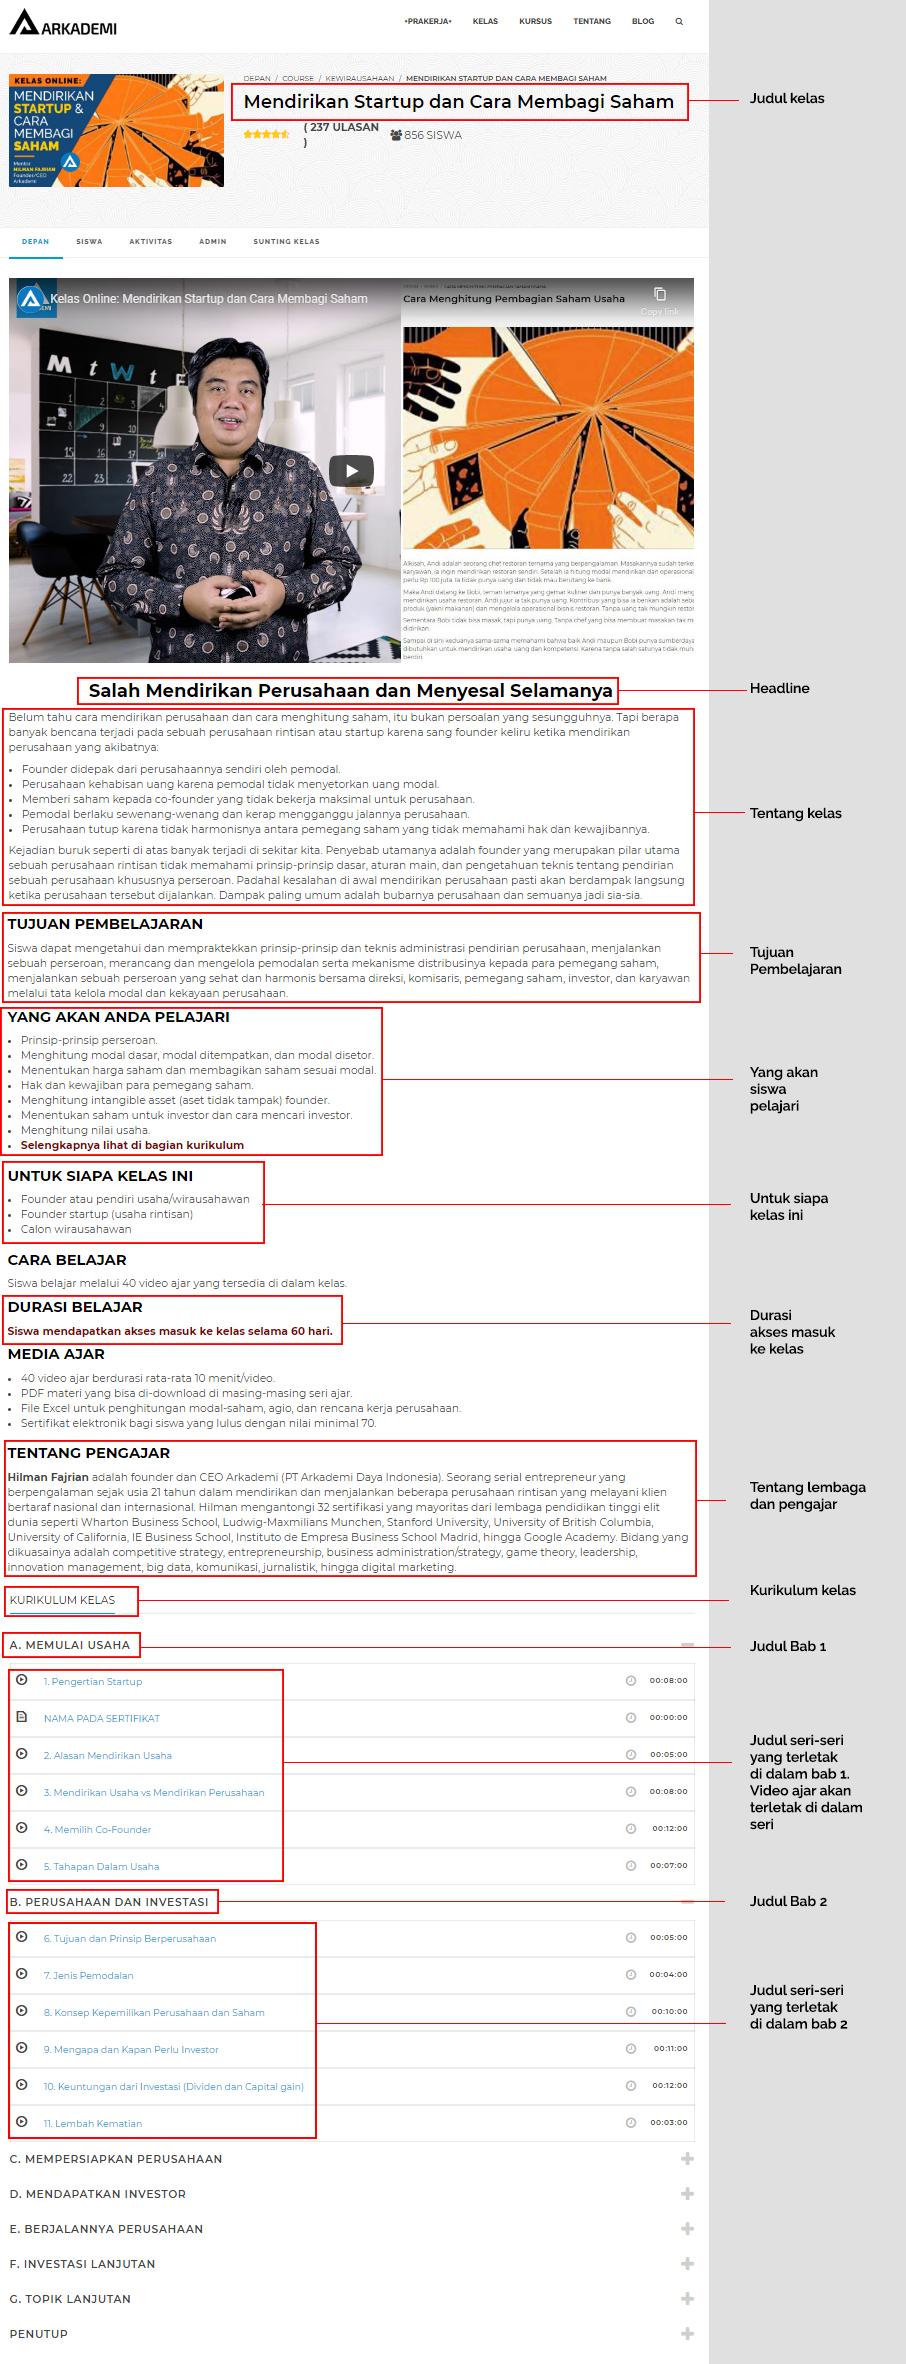 Struktur dan Desain Pembelajaran Kelas di Arkademi | Arkademi